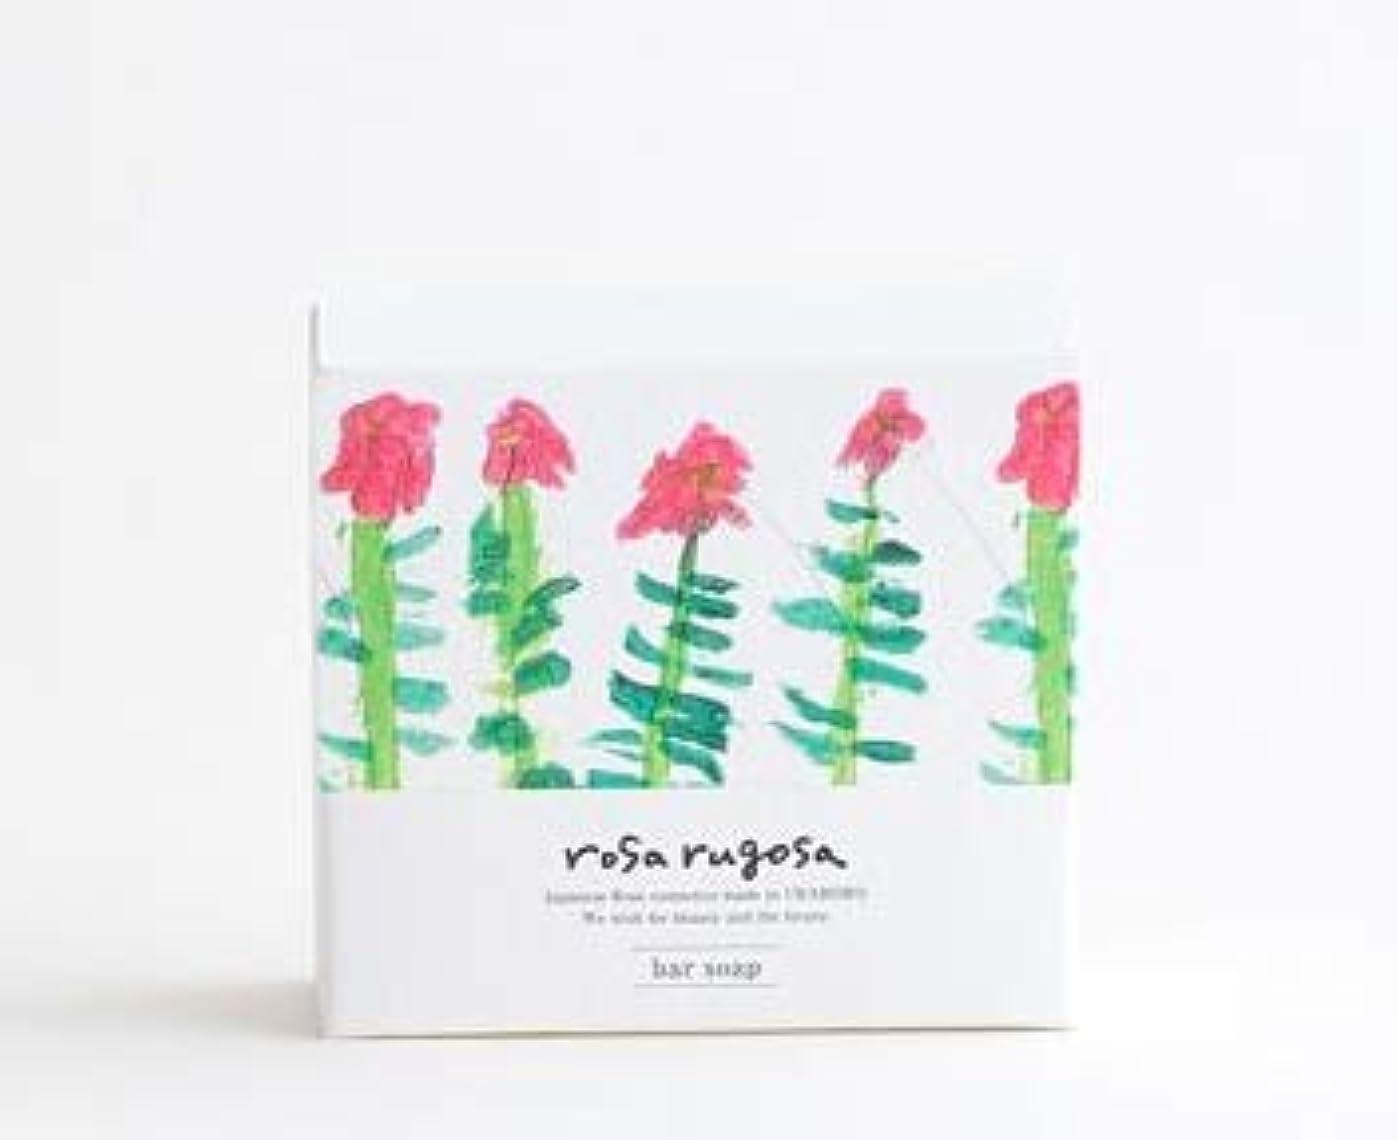 十分ではないエコー解放rosa rogosa ロサ?ルゴサ バーソープ 洗顔石鹸 ハマナス オーガニック コスメ 100g 天然 北海道産